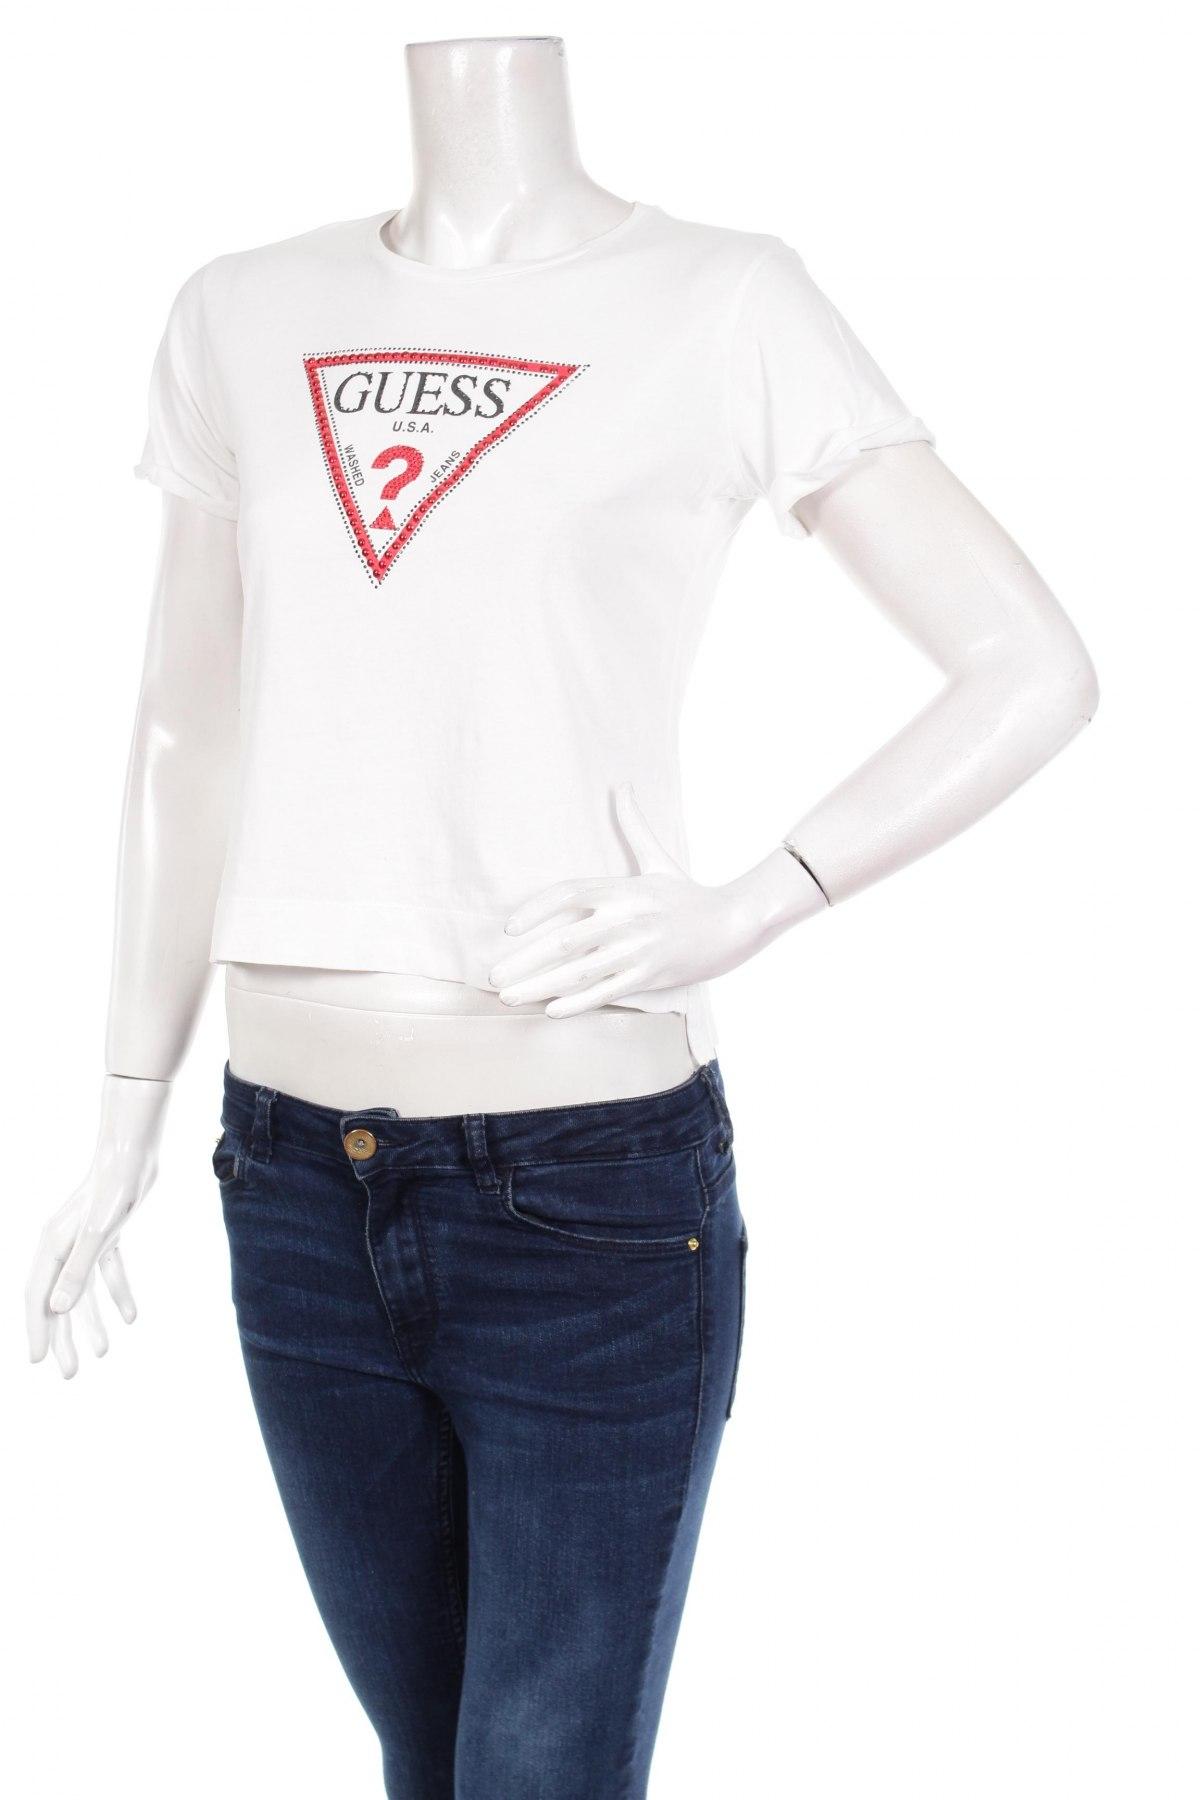 d5a5628056 Női póló Guess - kedvező áron Remixben - #101927759